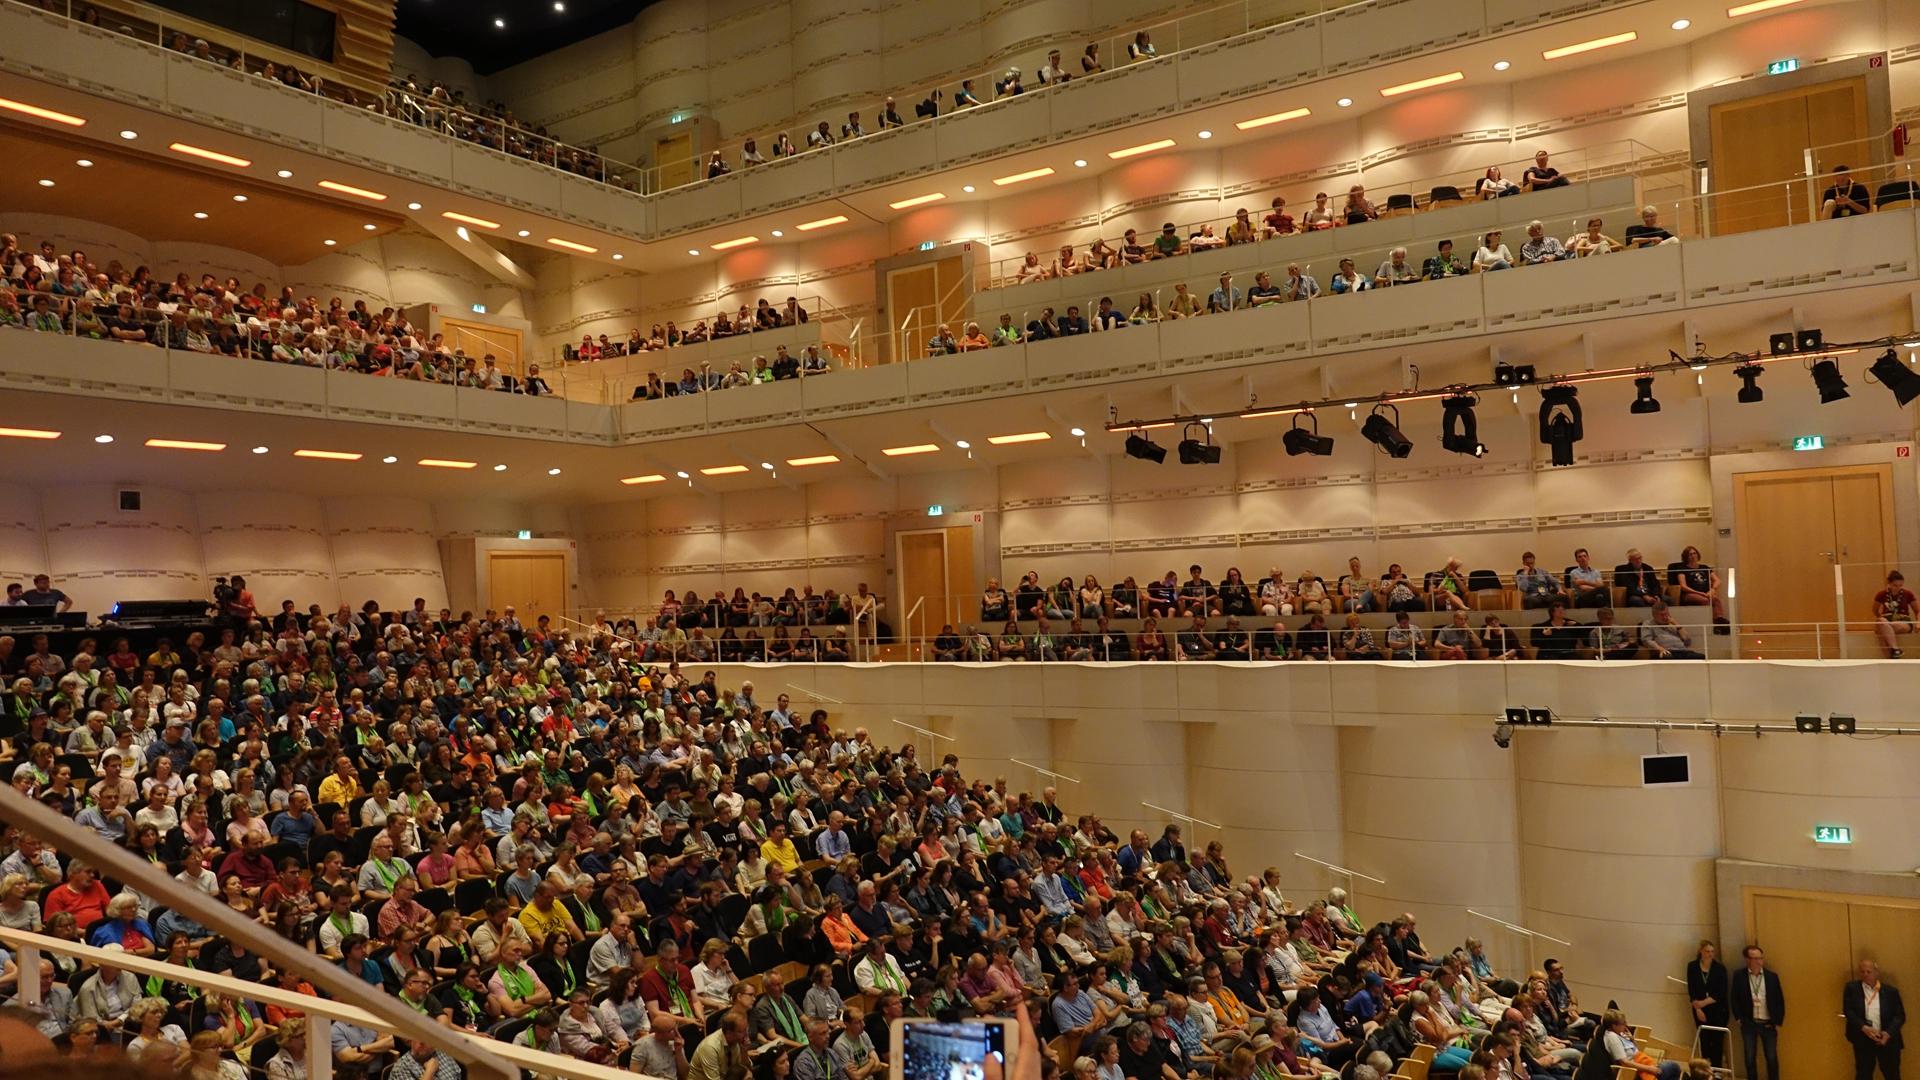 Das Dortmunder Konzerthaus wartet auf den Auftritt des ehemaligen Bundespräsidenten Joachim Gauck